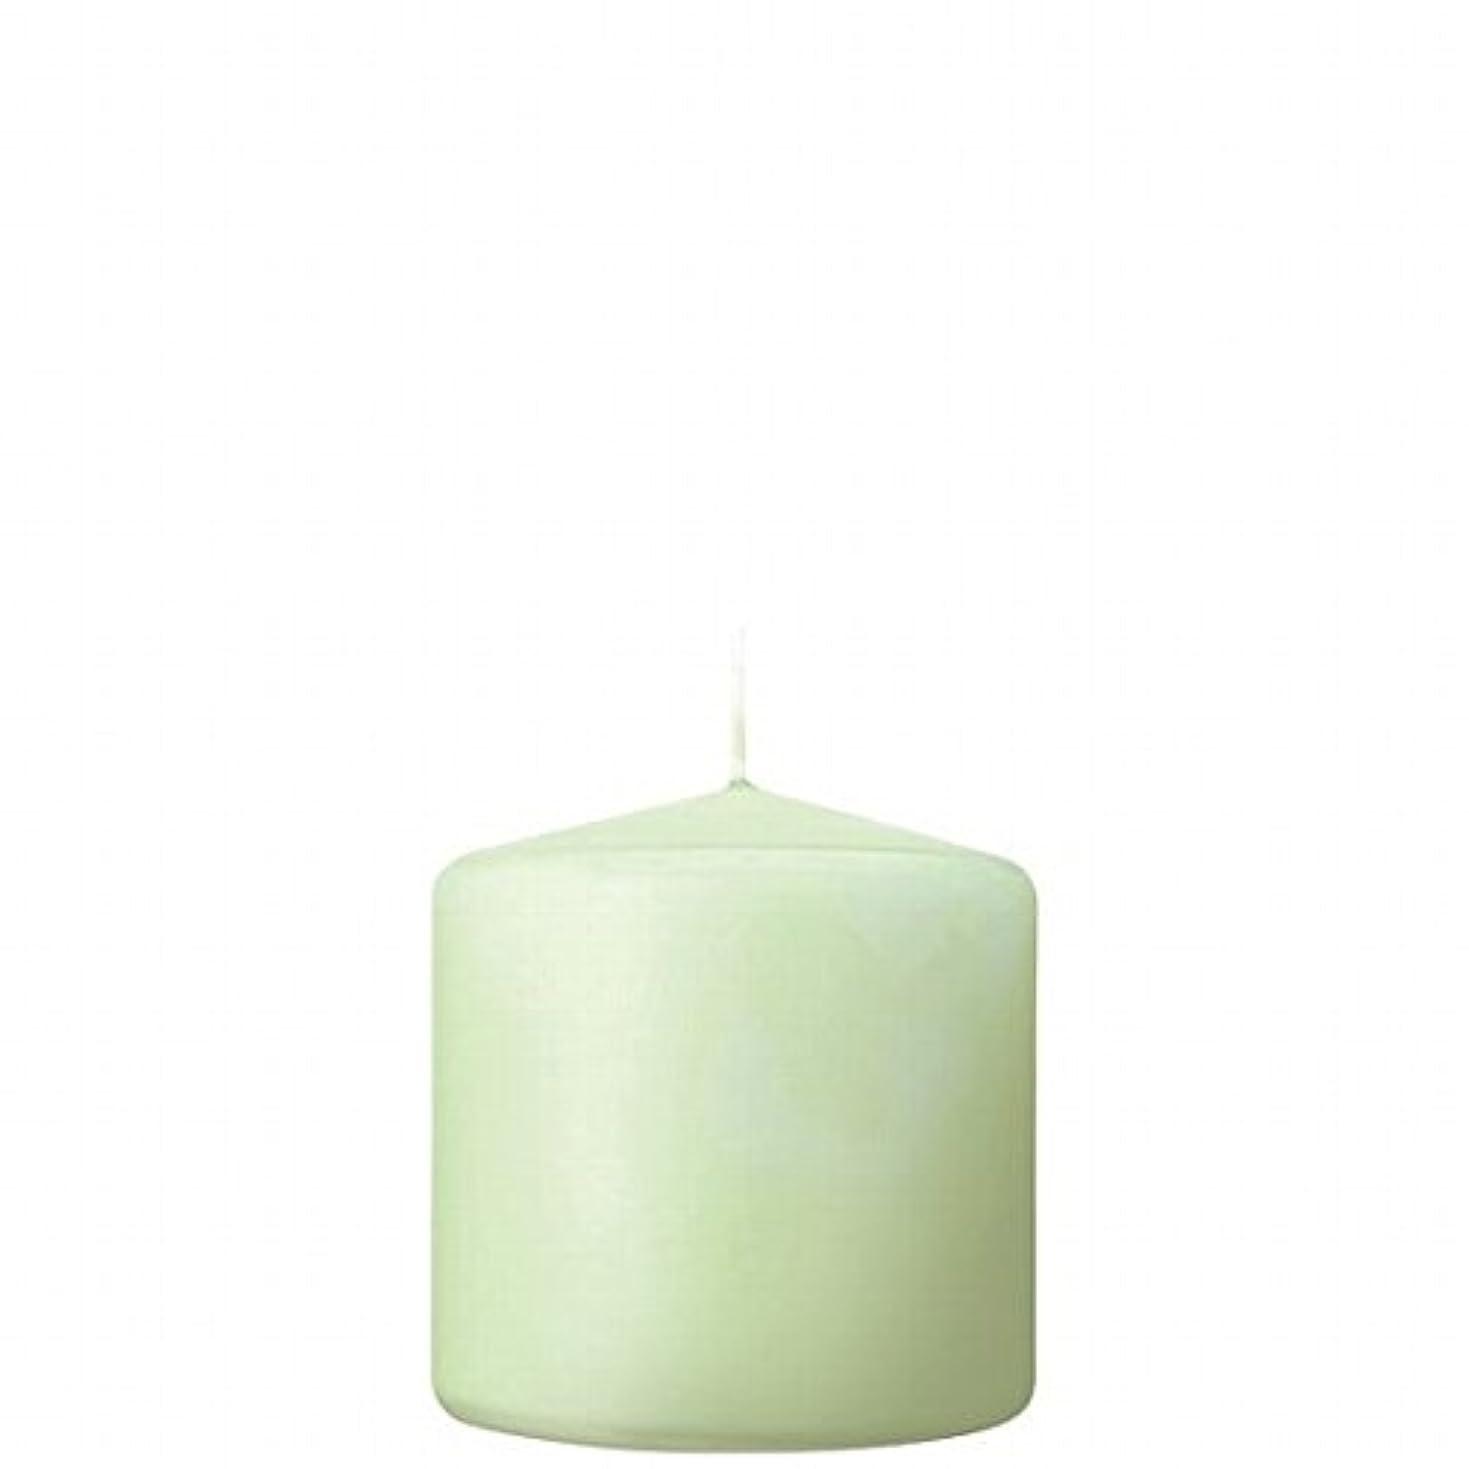 ジョージスティーブンソン区画貢献するカメヤマキャンドル( kameyama candle ) 3×3ベルトップピラーキャンドル 「 ホワイトグリーン 」